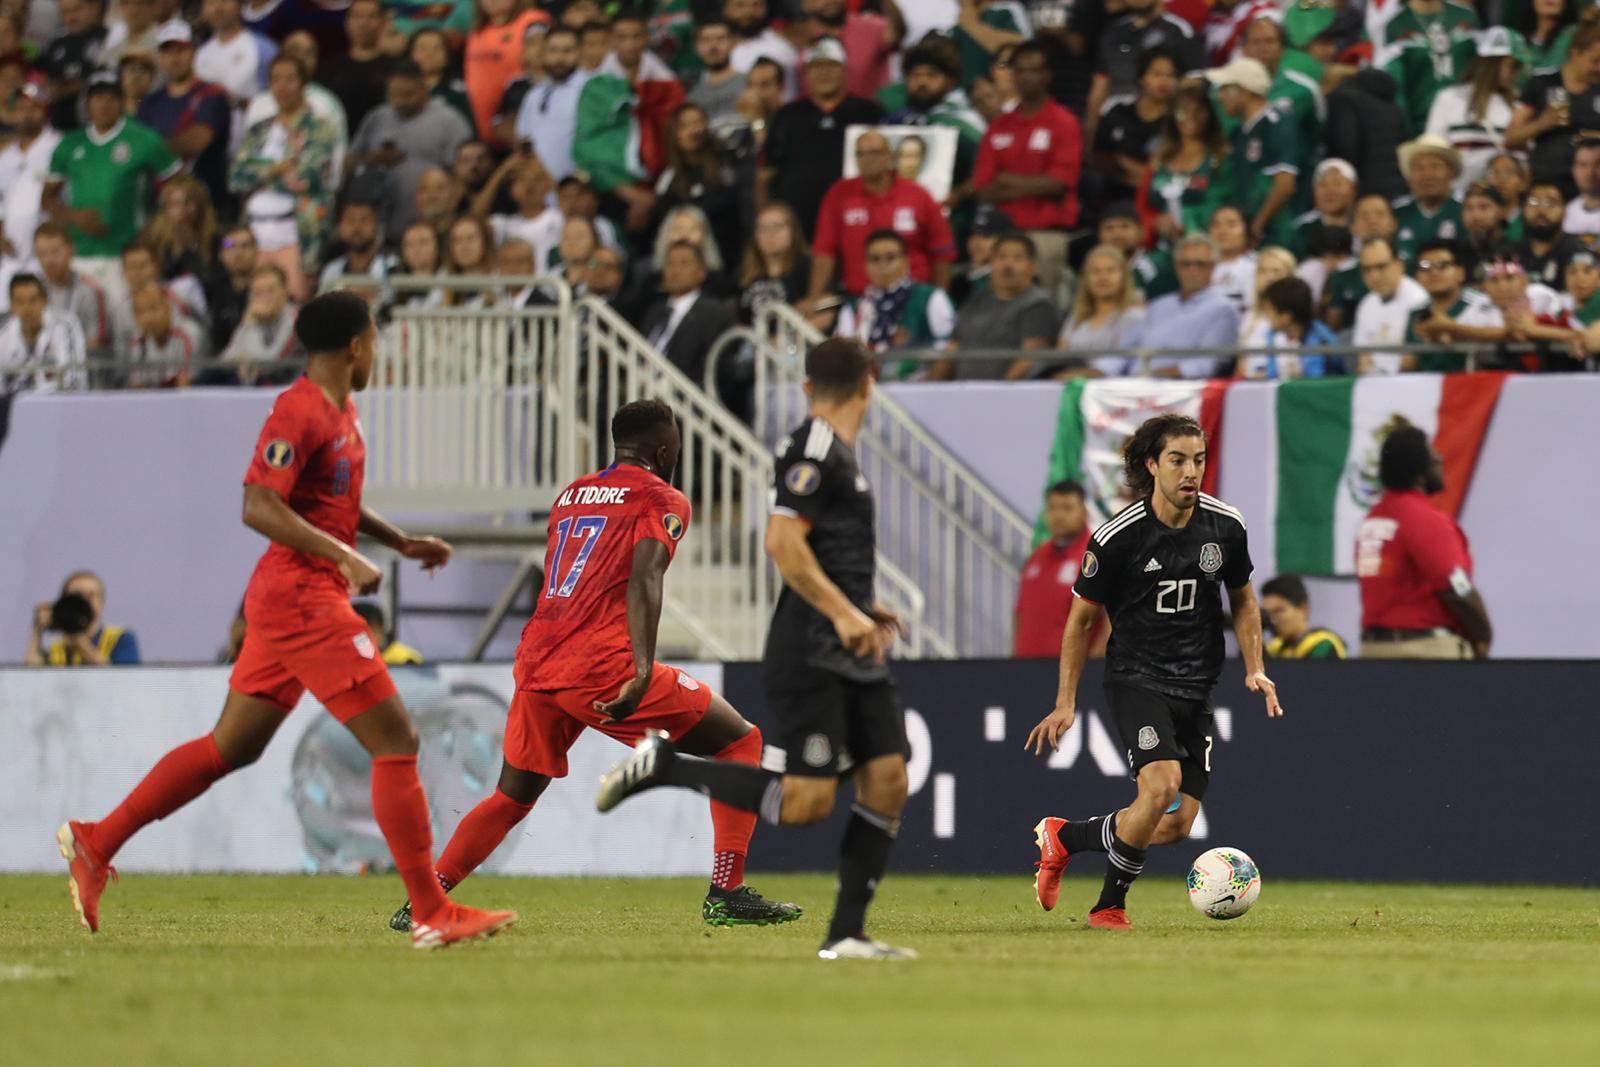 Rodolfo Pizarro y el Tri jugaron este domingo 7 de julio la final de la Copa Oro 2019 frente a Estados Unidos. Foto por Omar Vega para Al Día